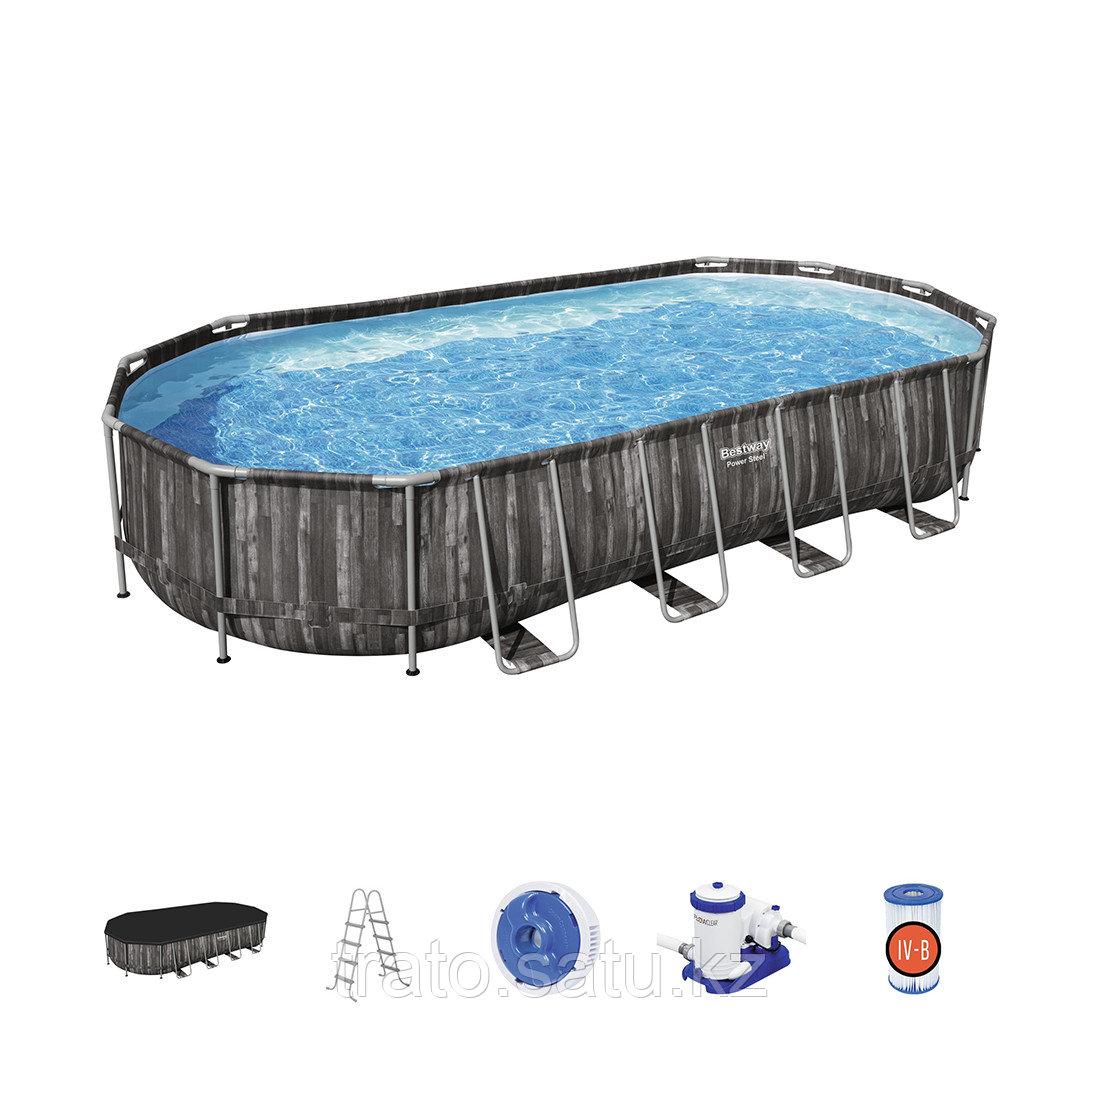 Каркасный бассейн Bestway 732 х 366 х 122 см с фильтр насосом